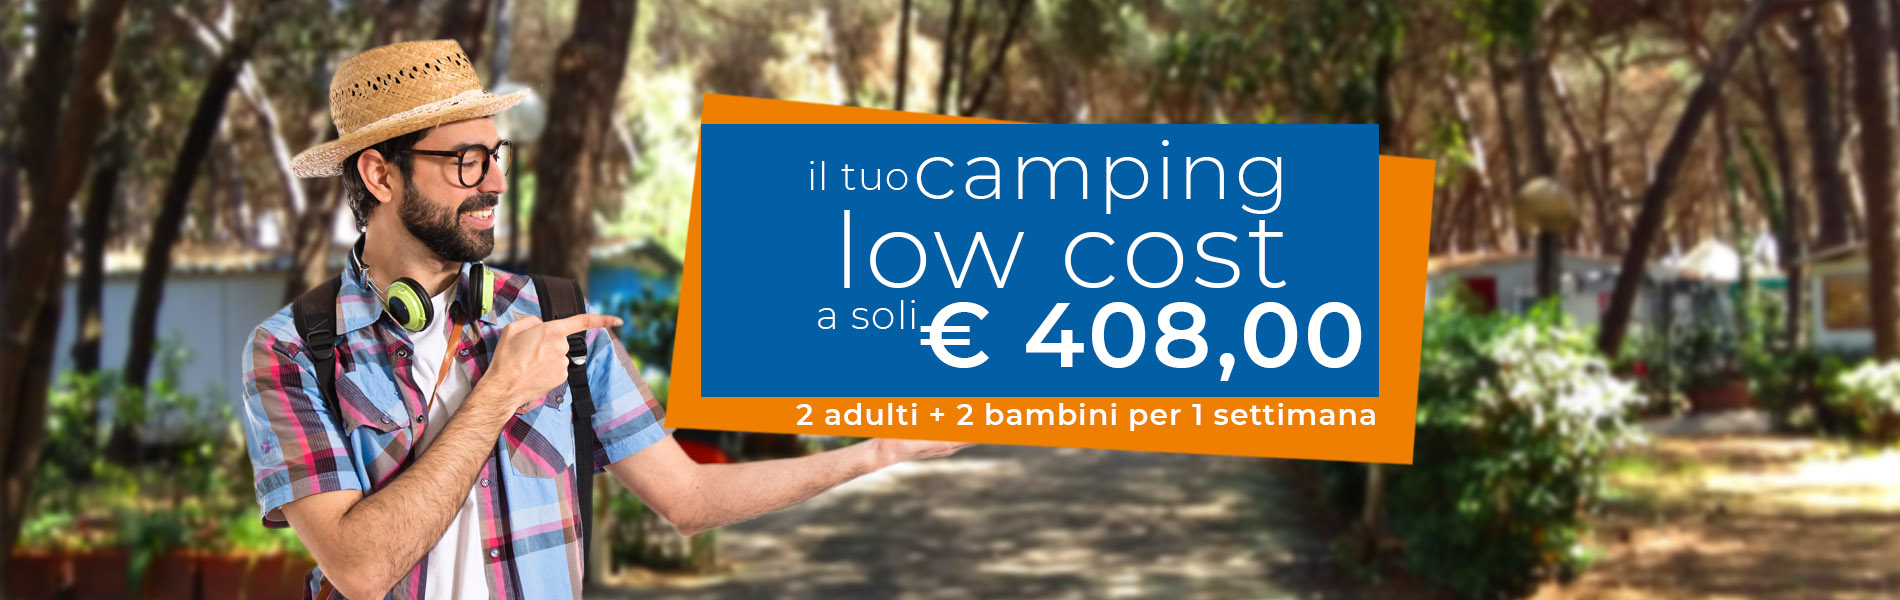 header_camping_2